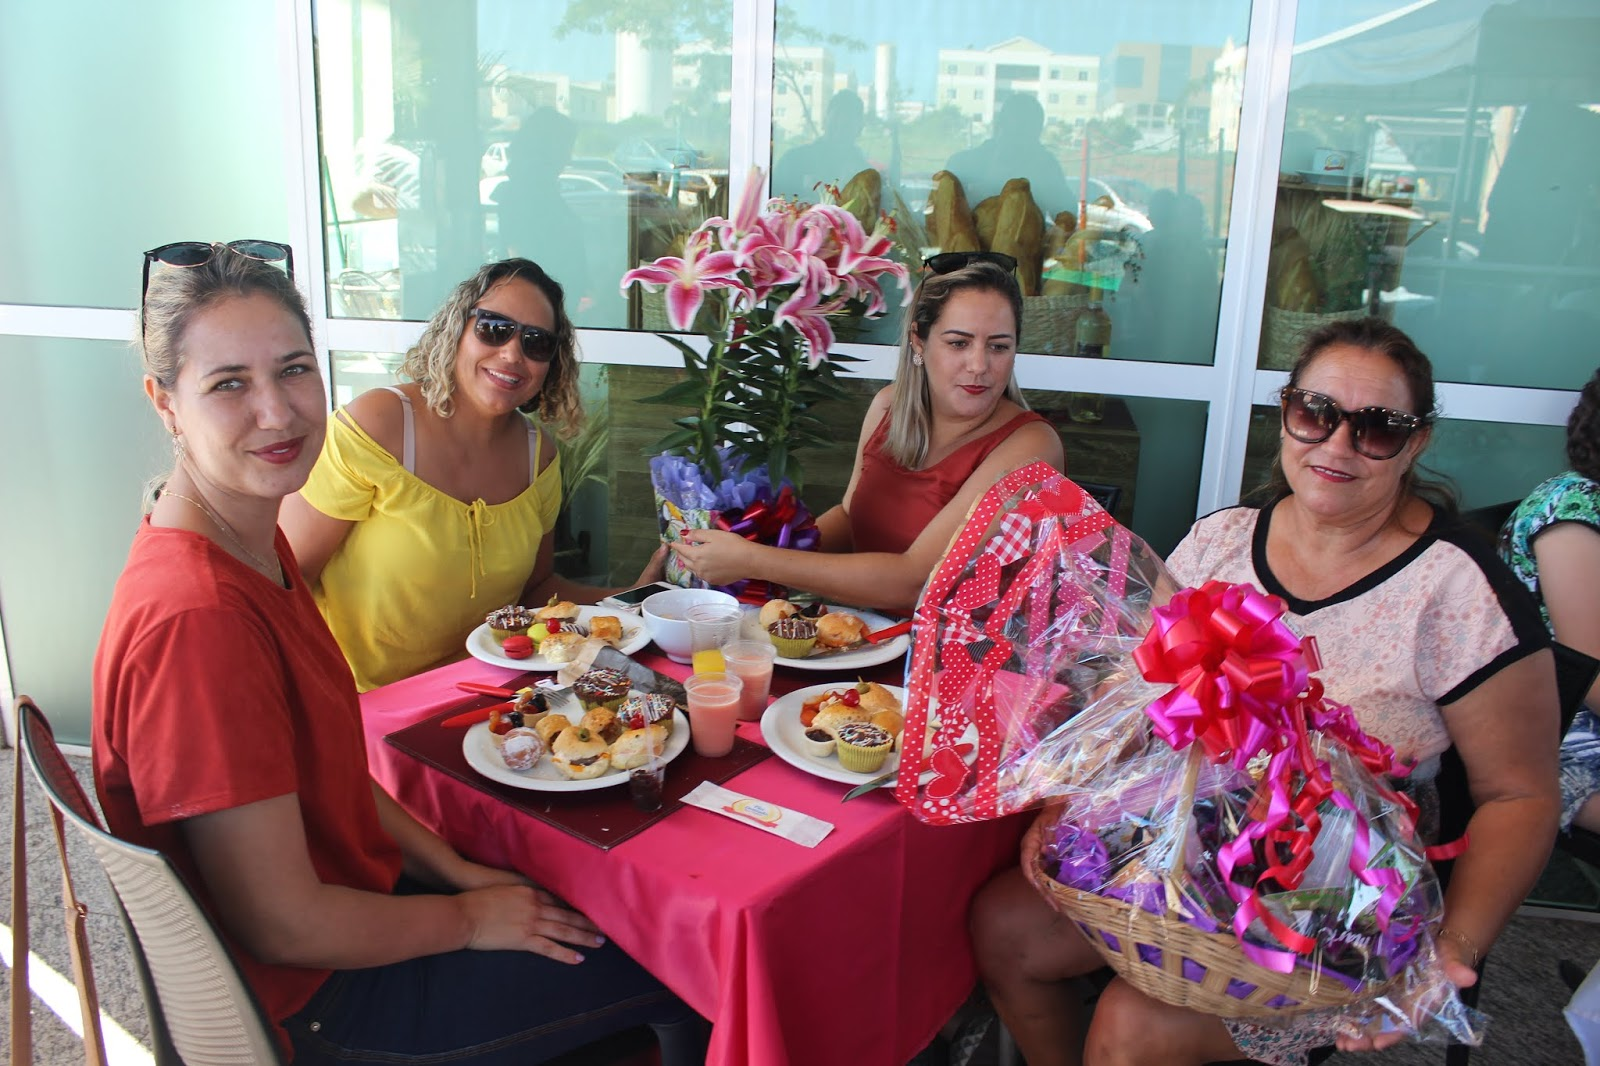 IMG 3668 - Dia 12 de maio dia das Mães no Jardins Mangueiral foi com muta diverção e alegria com um lindo café da manha